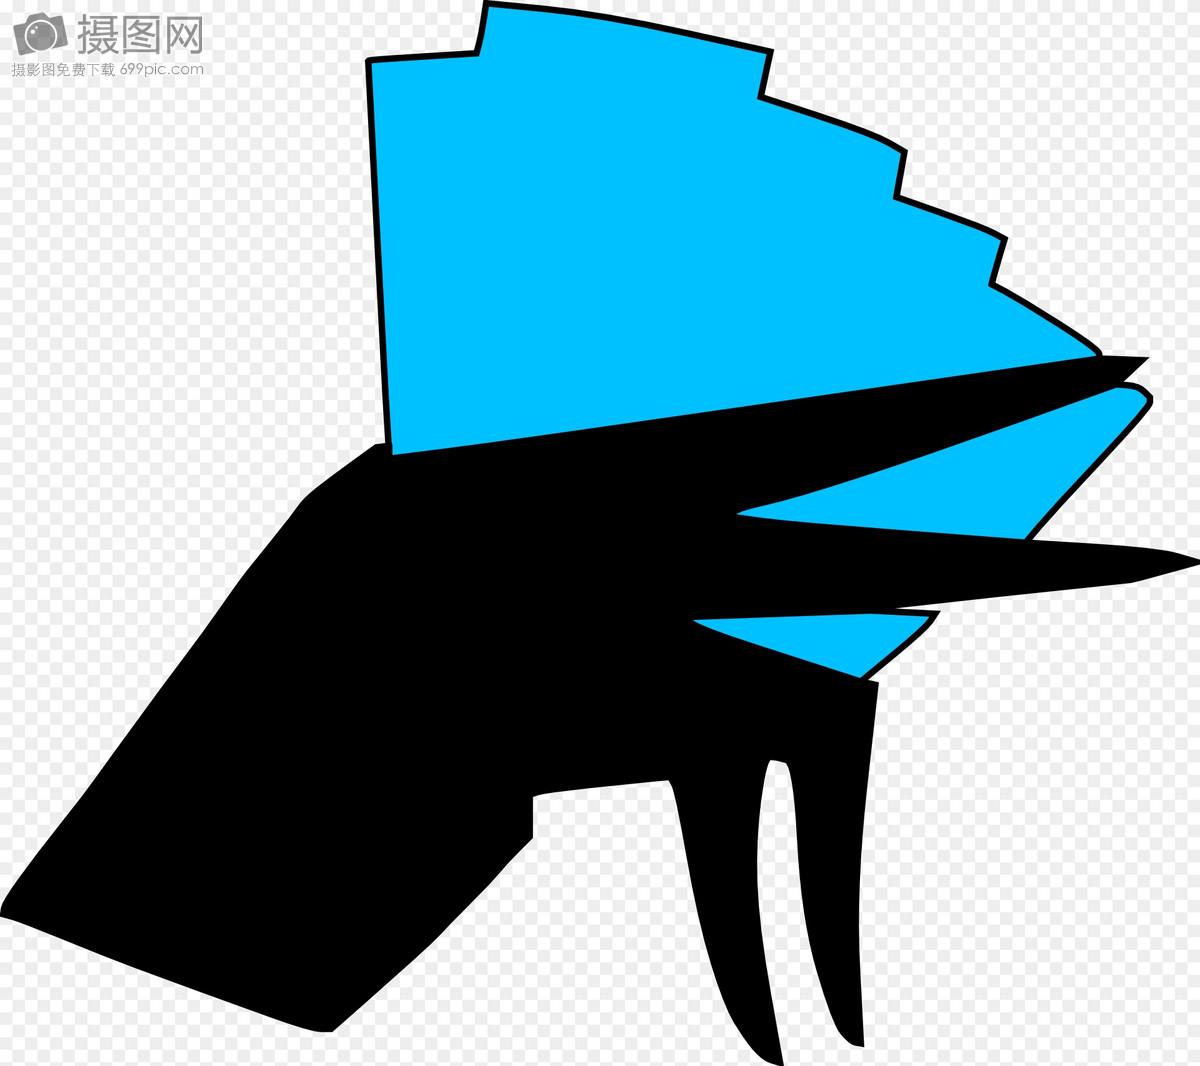 恶魔的手图片素材_免费下载_svg图片格式_高清图片_摄